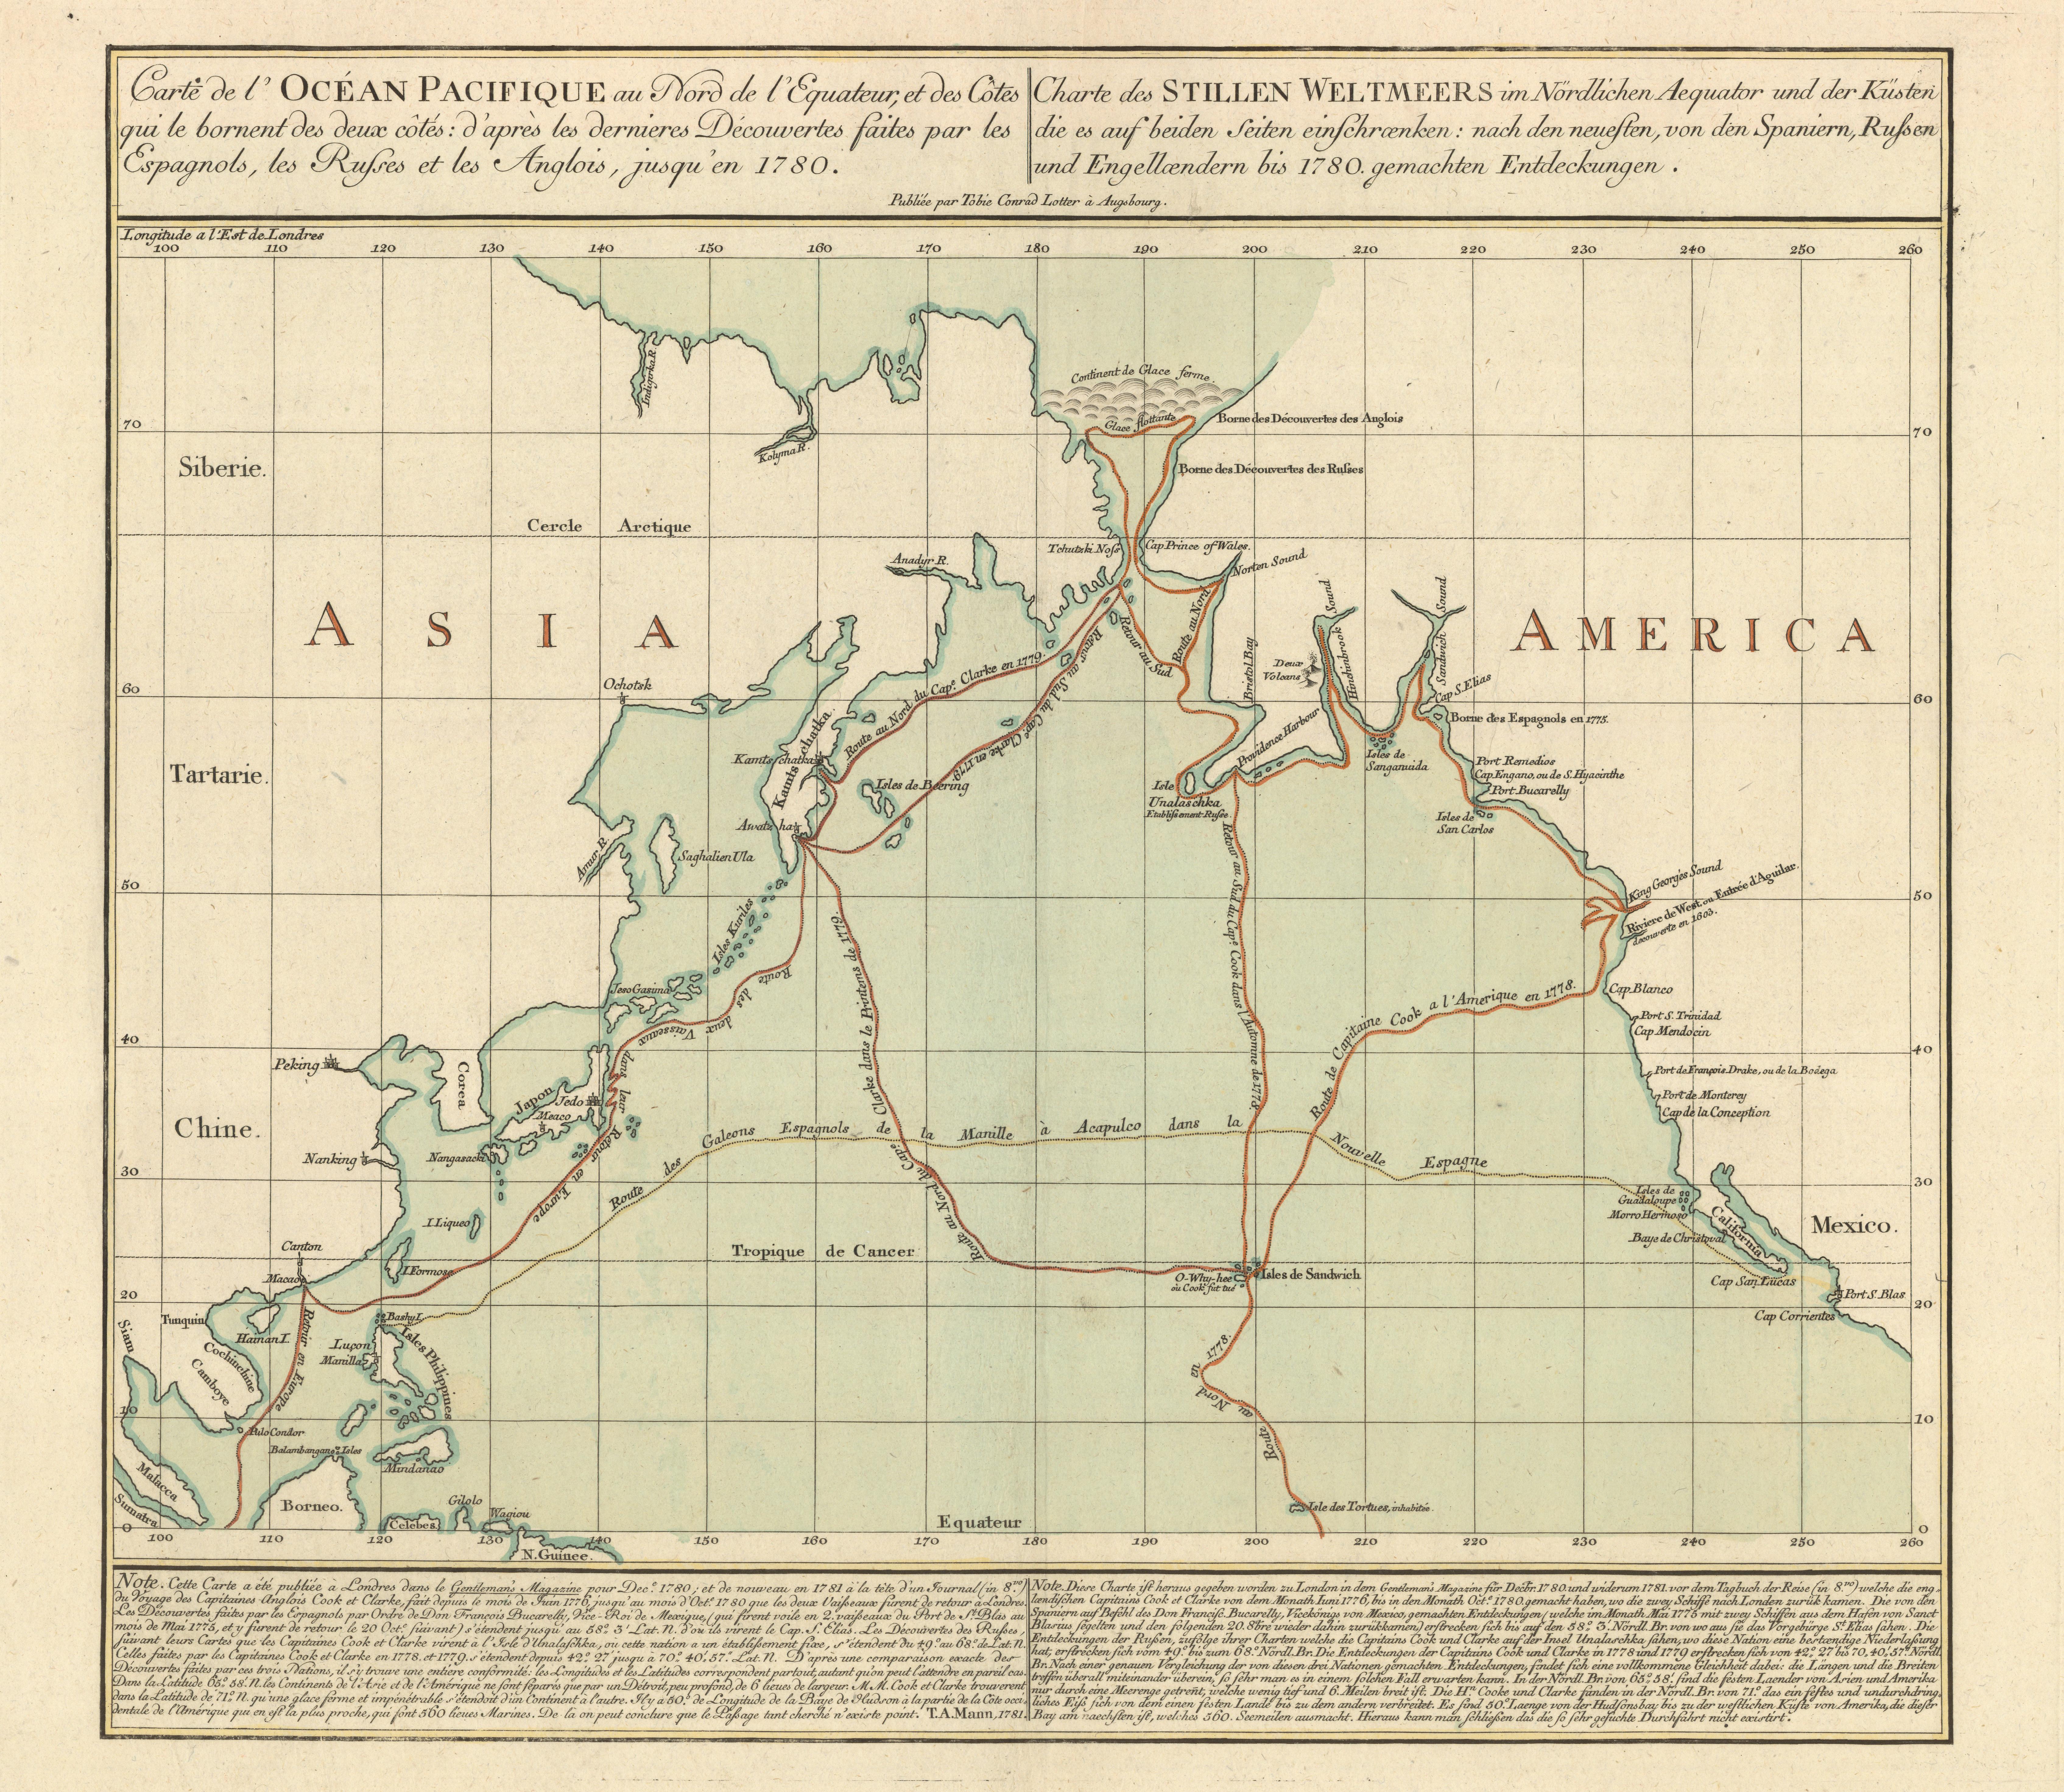 """Lotter, Tobias Conrad, 1717–1777. """"Carte de l'Océan Pacifique au nord de l'equateur, et des côtes qui le bornent des deux côtes: d'après les dernieres découvertes faites par les Espagnols, les Russes et les Anglois, jusqu'en 1780"""" (Augsburg, 1781.)Copperplate map, with added color, 42 × 50 cm. on sheet 59 × 73 cm. [Historic Maps Collection]. The first published map to show Cook's third voyage and the first map to show Hawaii."""